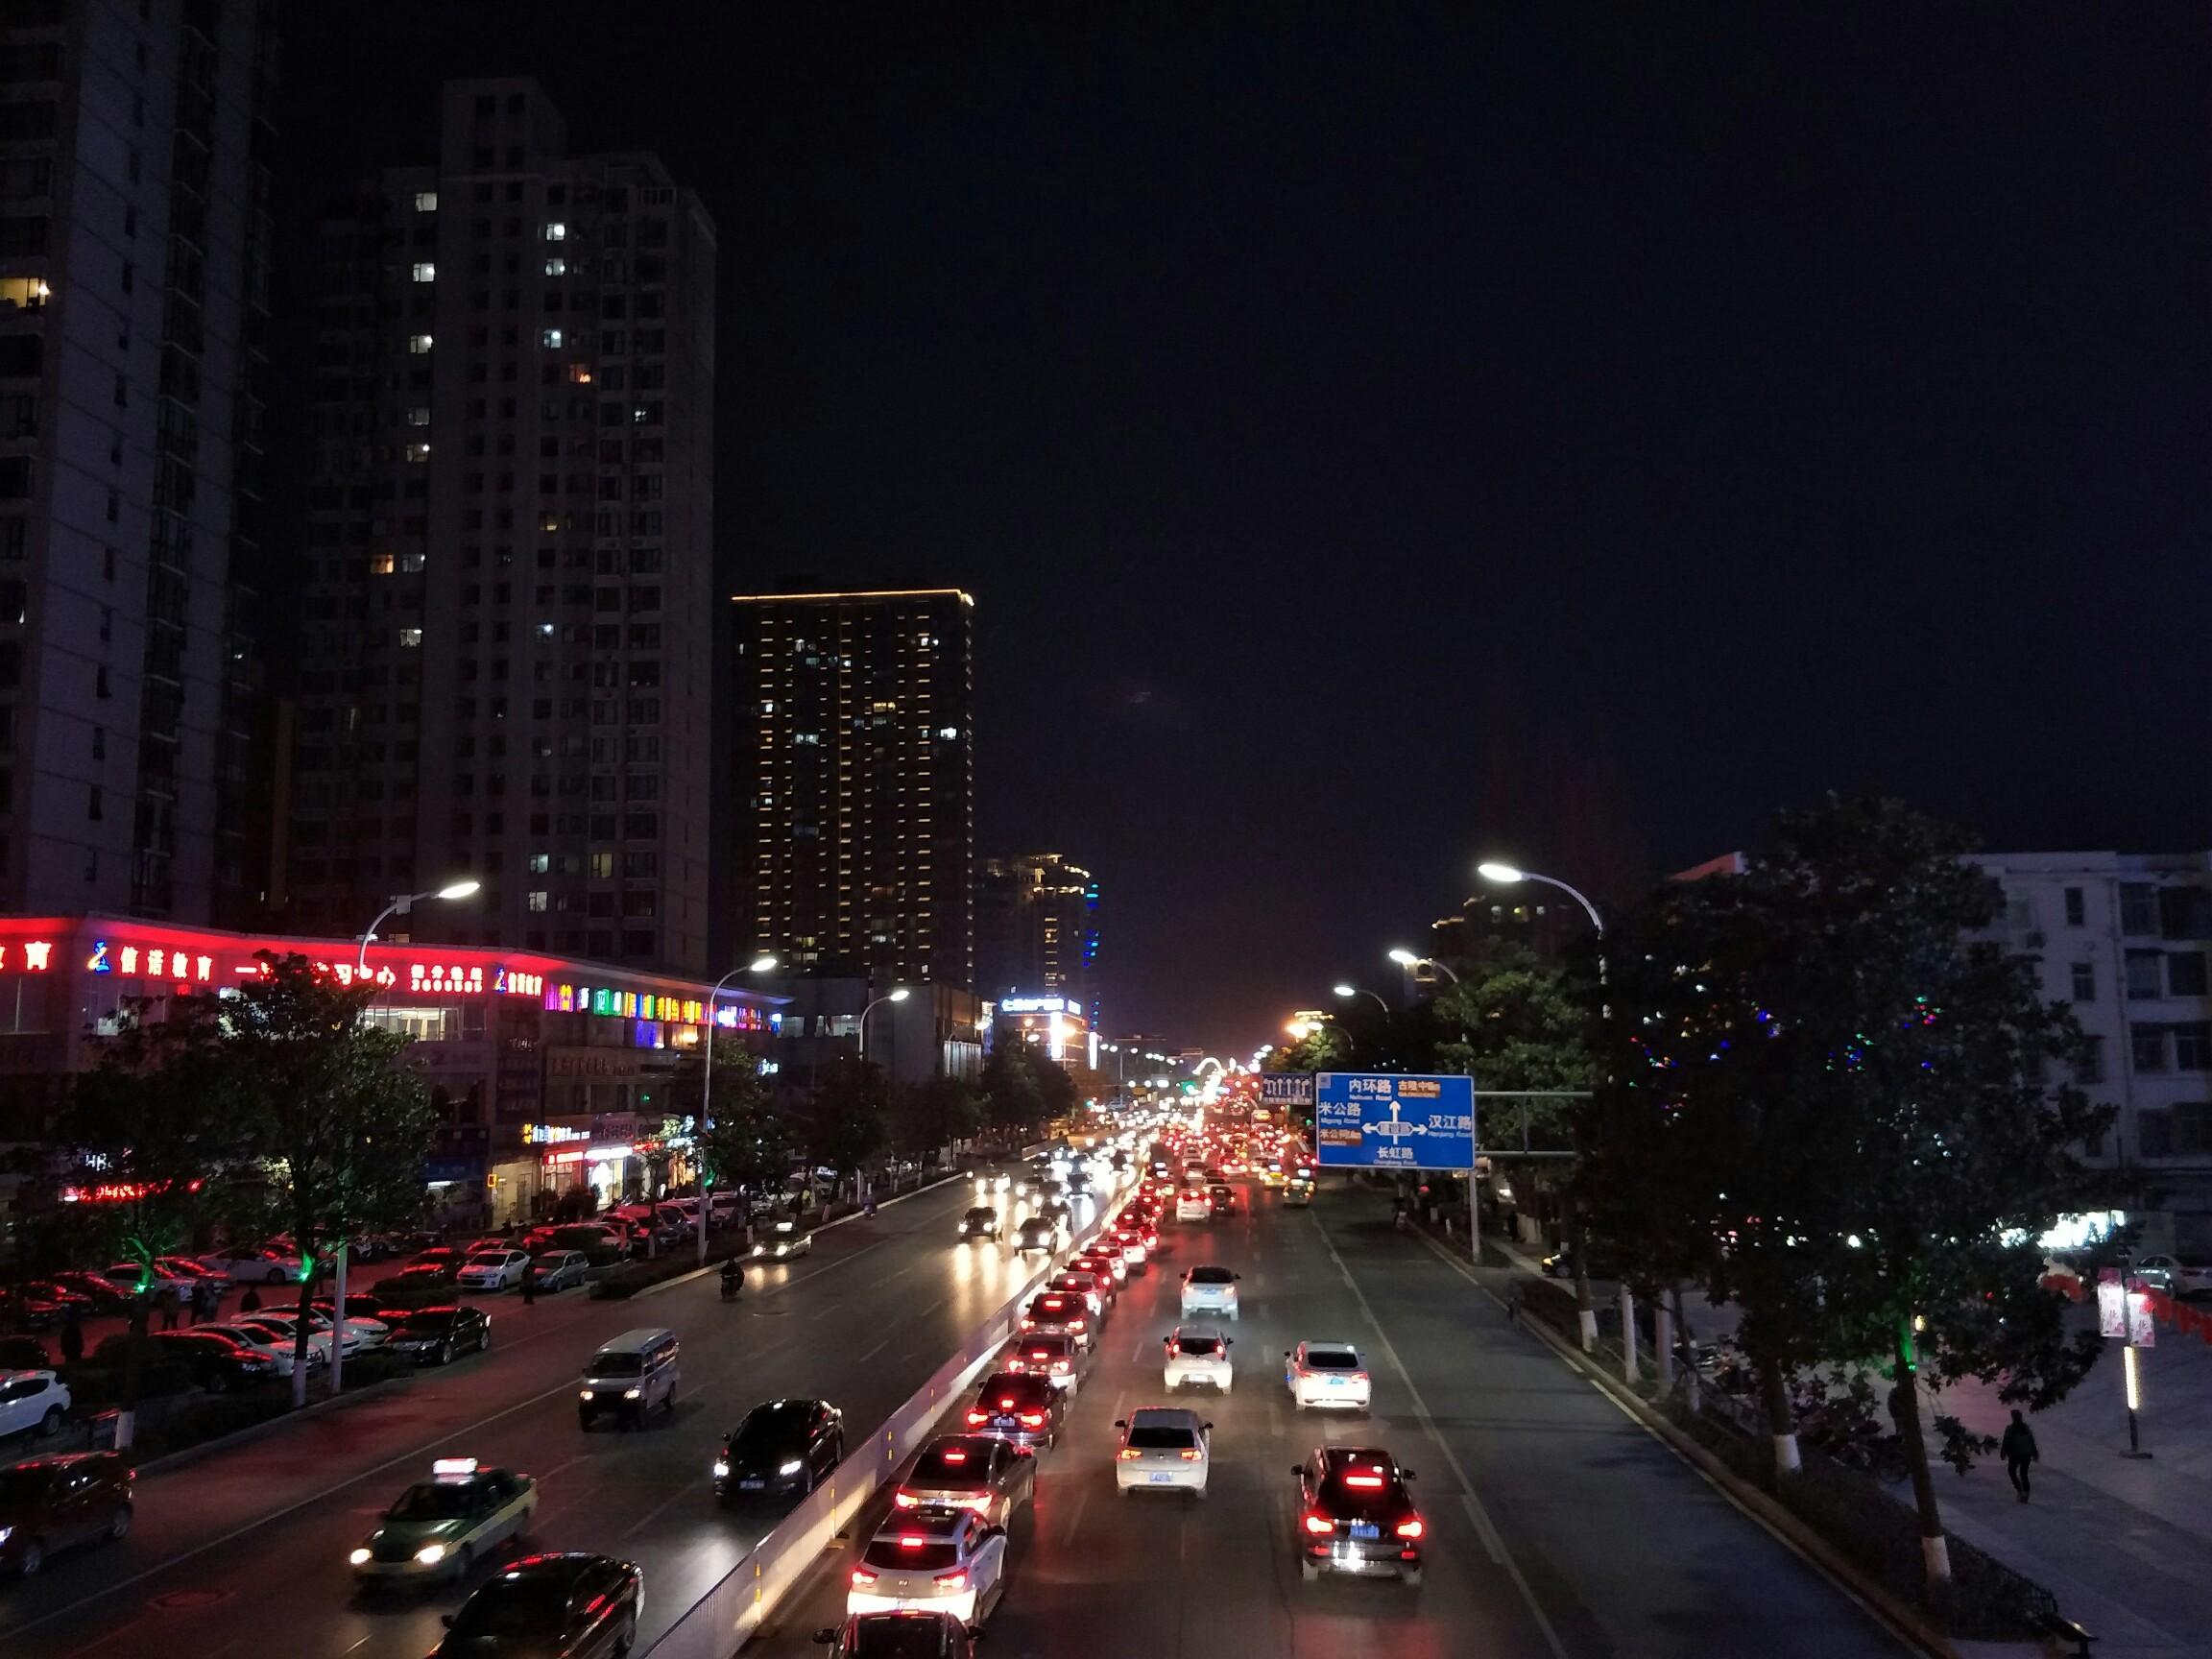 襄阳长虹路夜景